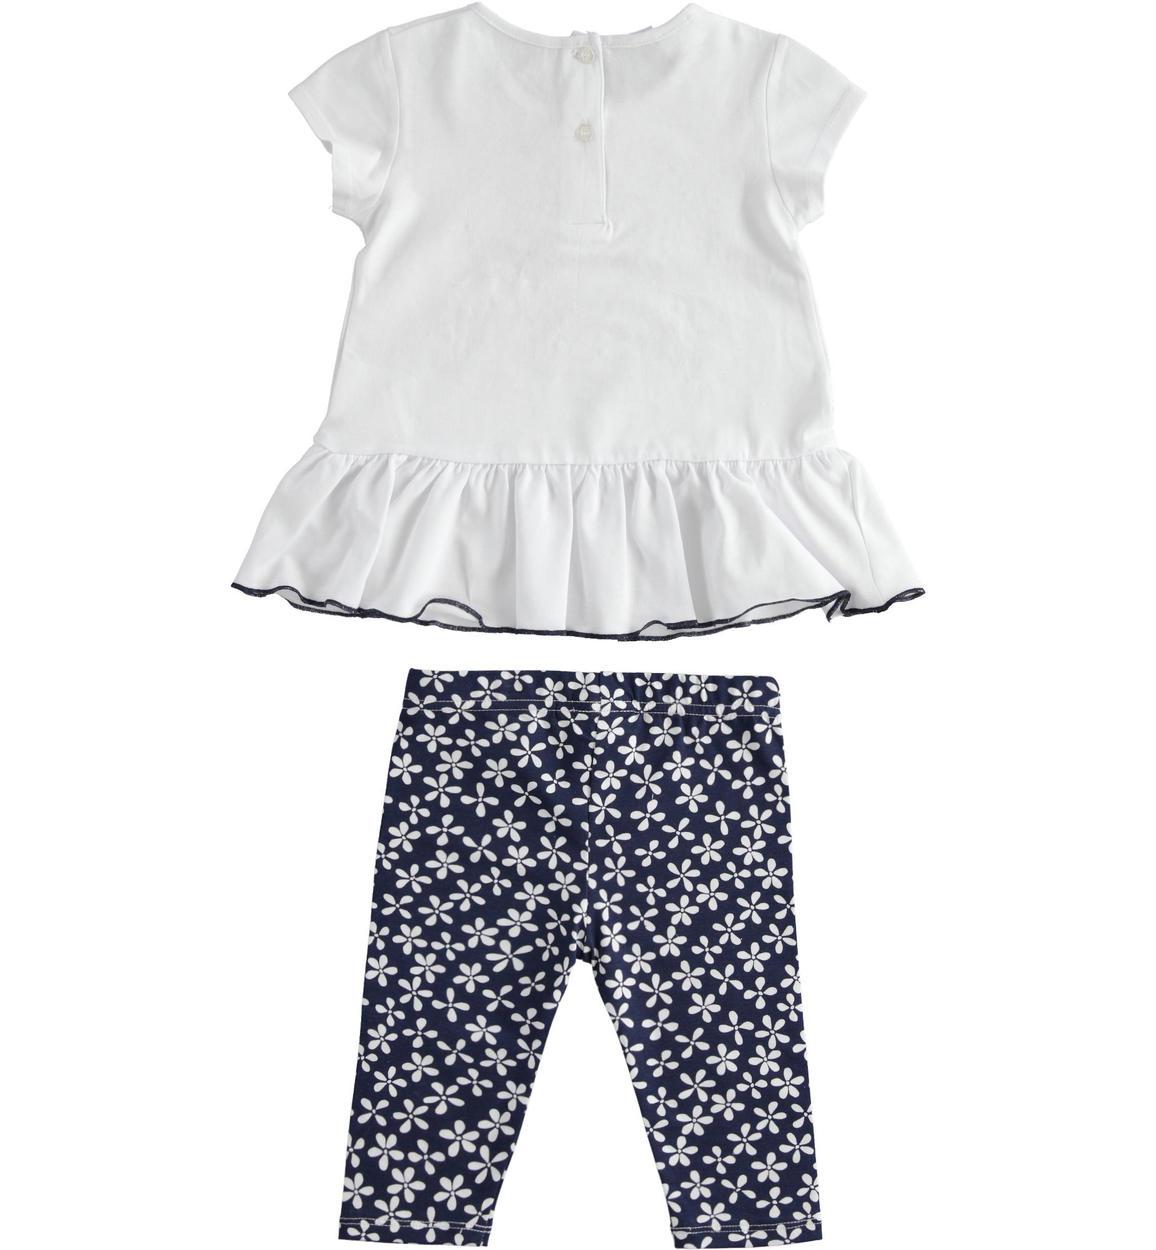 completo due pezzi con tshirt e legging bianco retro 02 1874j78100 8216 150x150